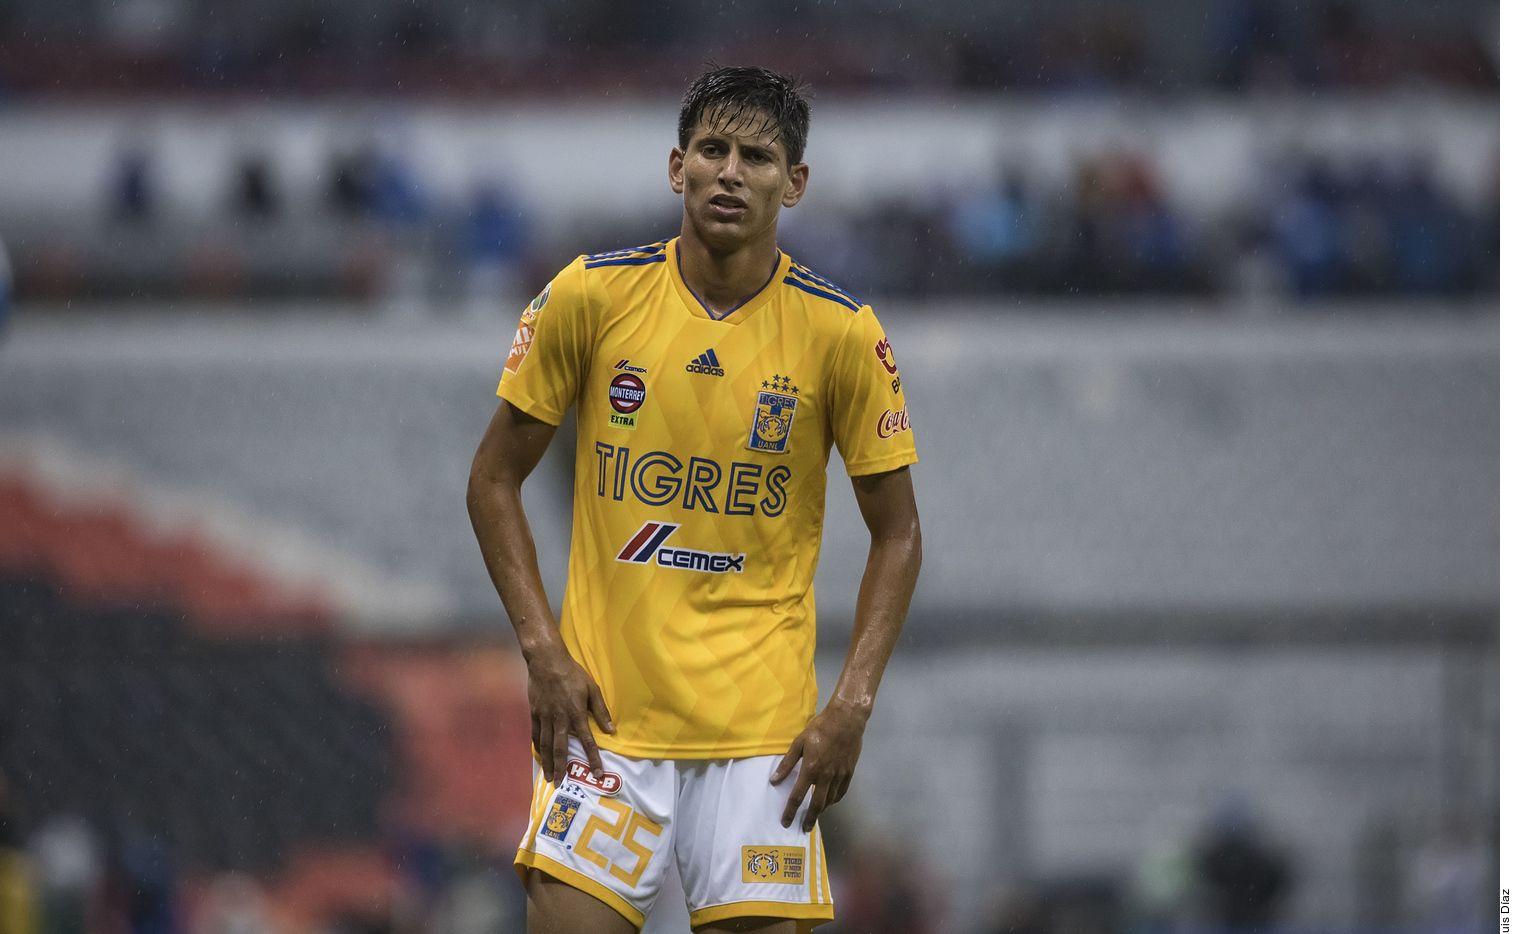 El mediocampista de los Tigres, Jurgen Damm, se despidió este miércoles del club donde jugó los últimos 5 años.